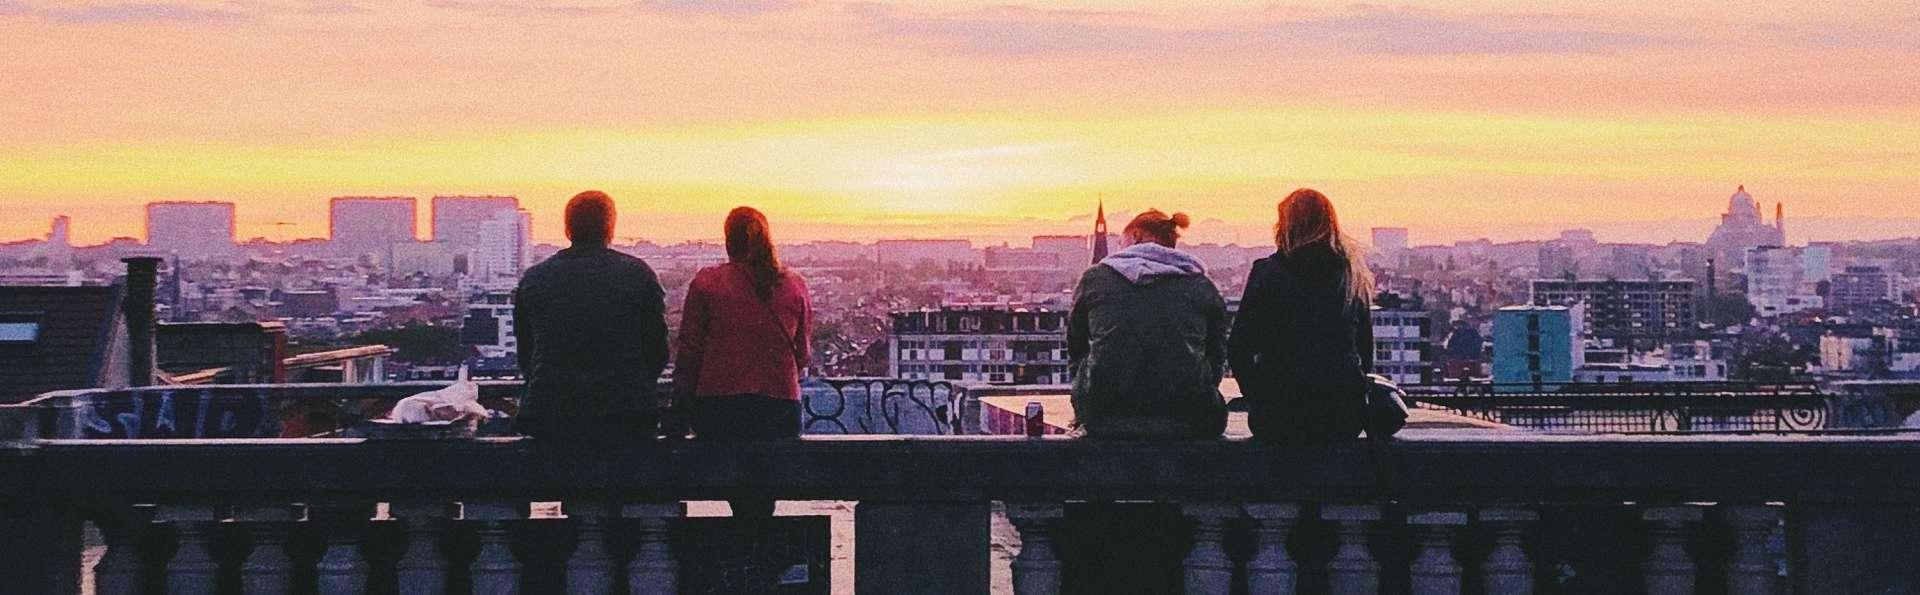 Ibis Styles Brussels Louise - Place_poelart.jpg